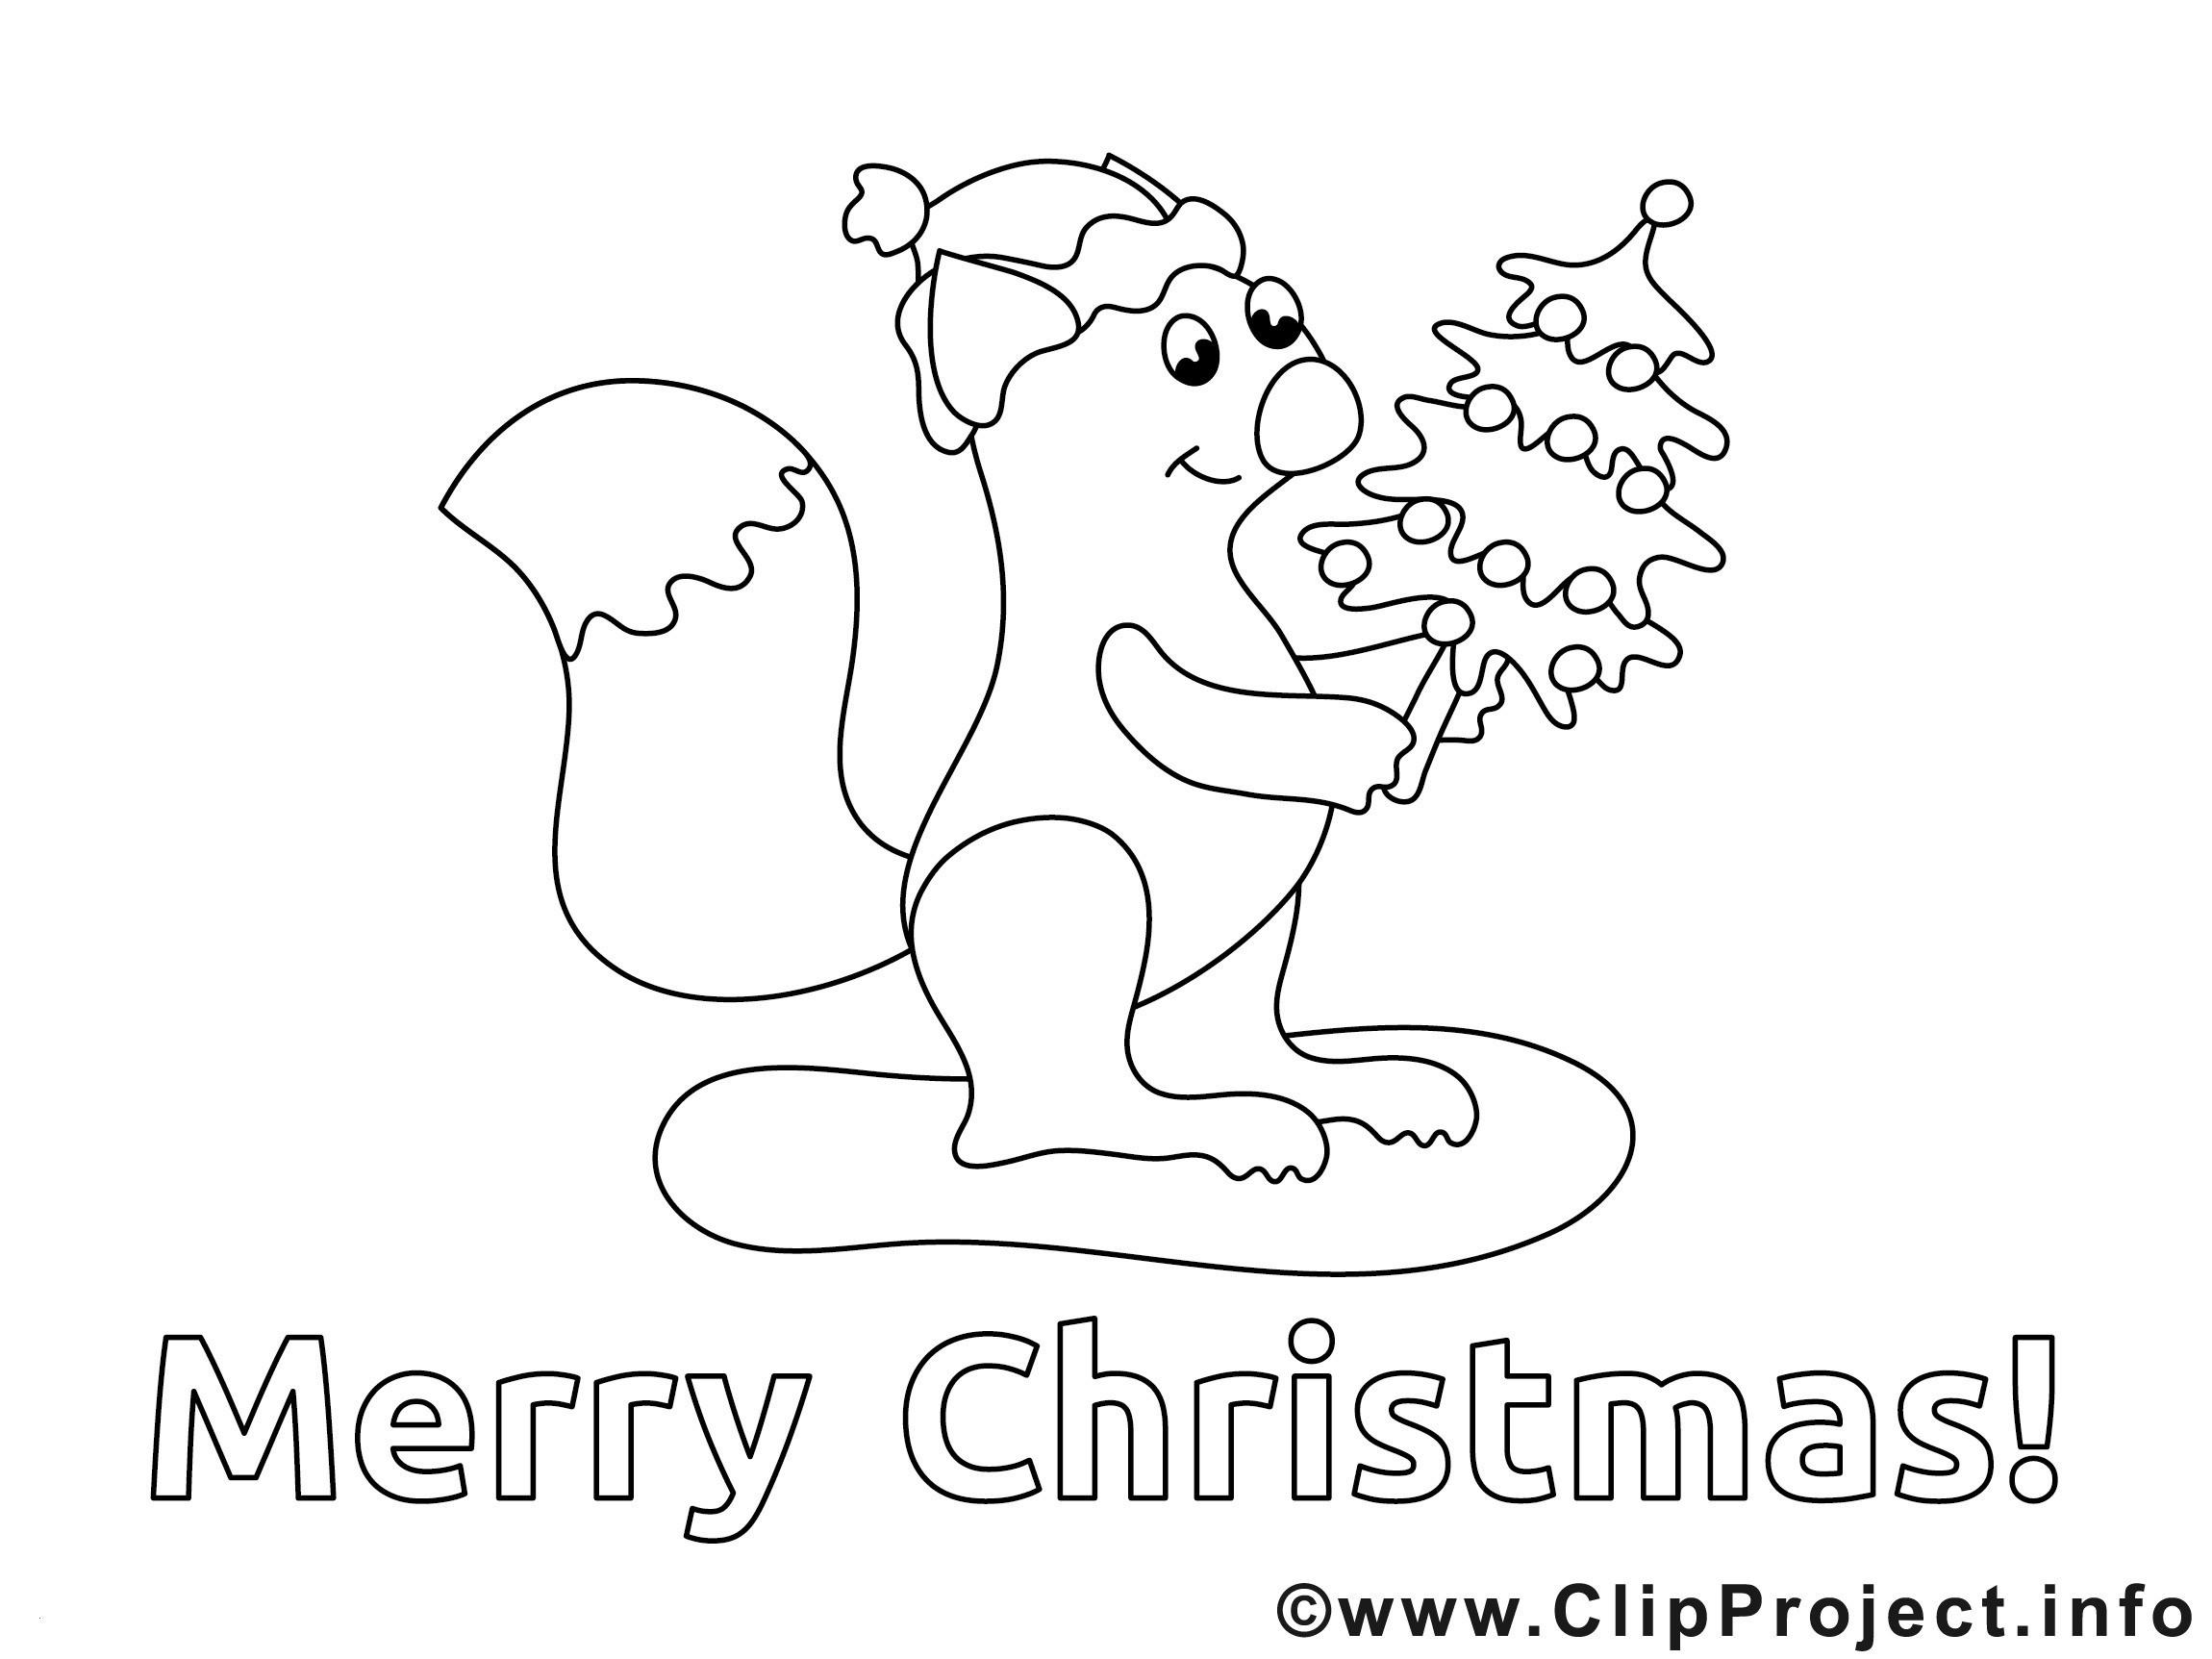 Ausmalbilder Weihnachten Krippe Das Beste Von Weihnachtsmann Malvorlagen Inspirierend Bayern Ausmalbilder Frisch Fotografieren